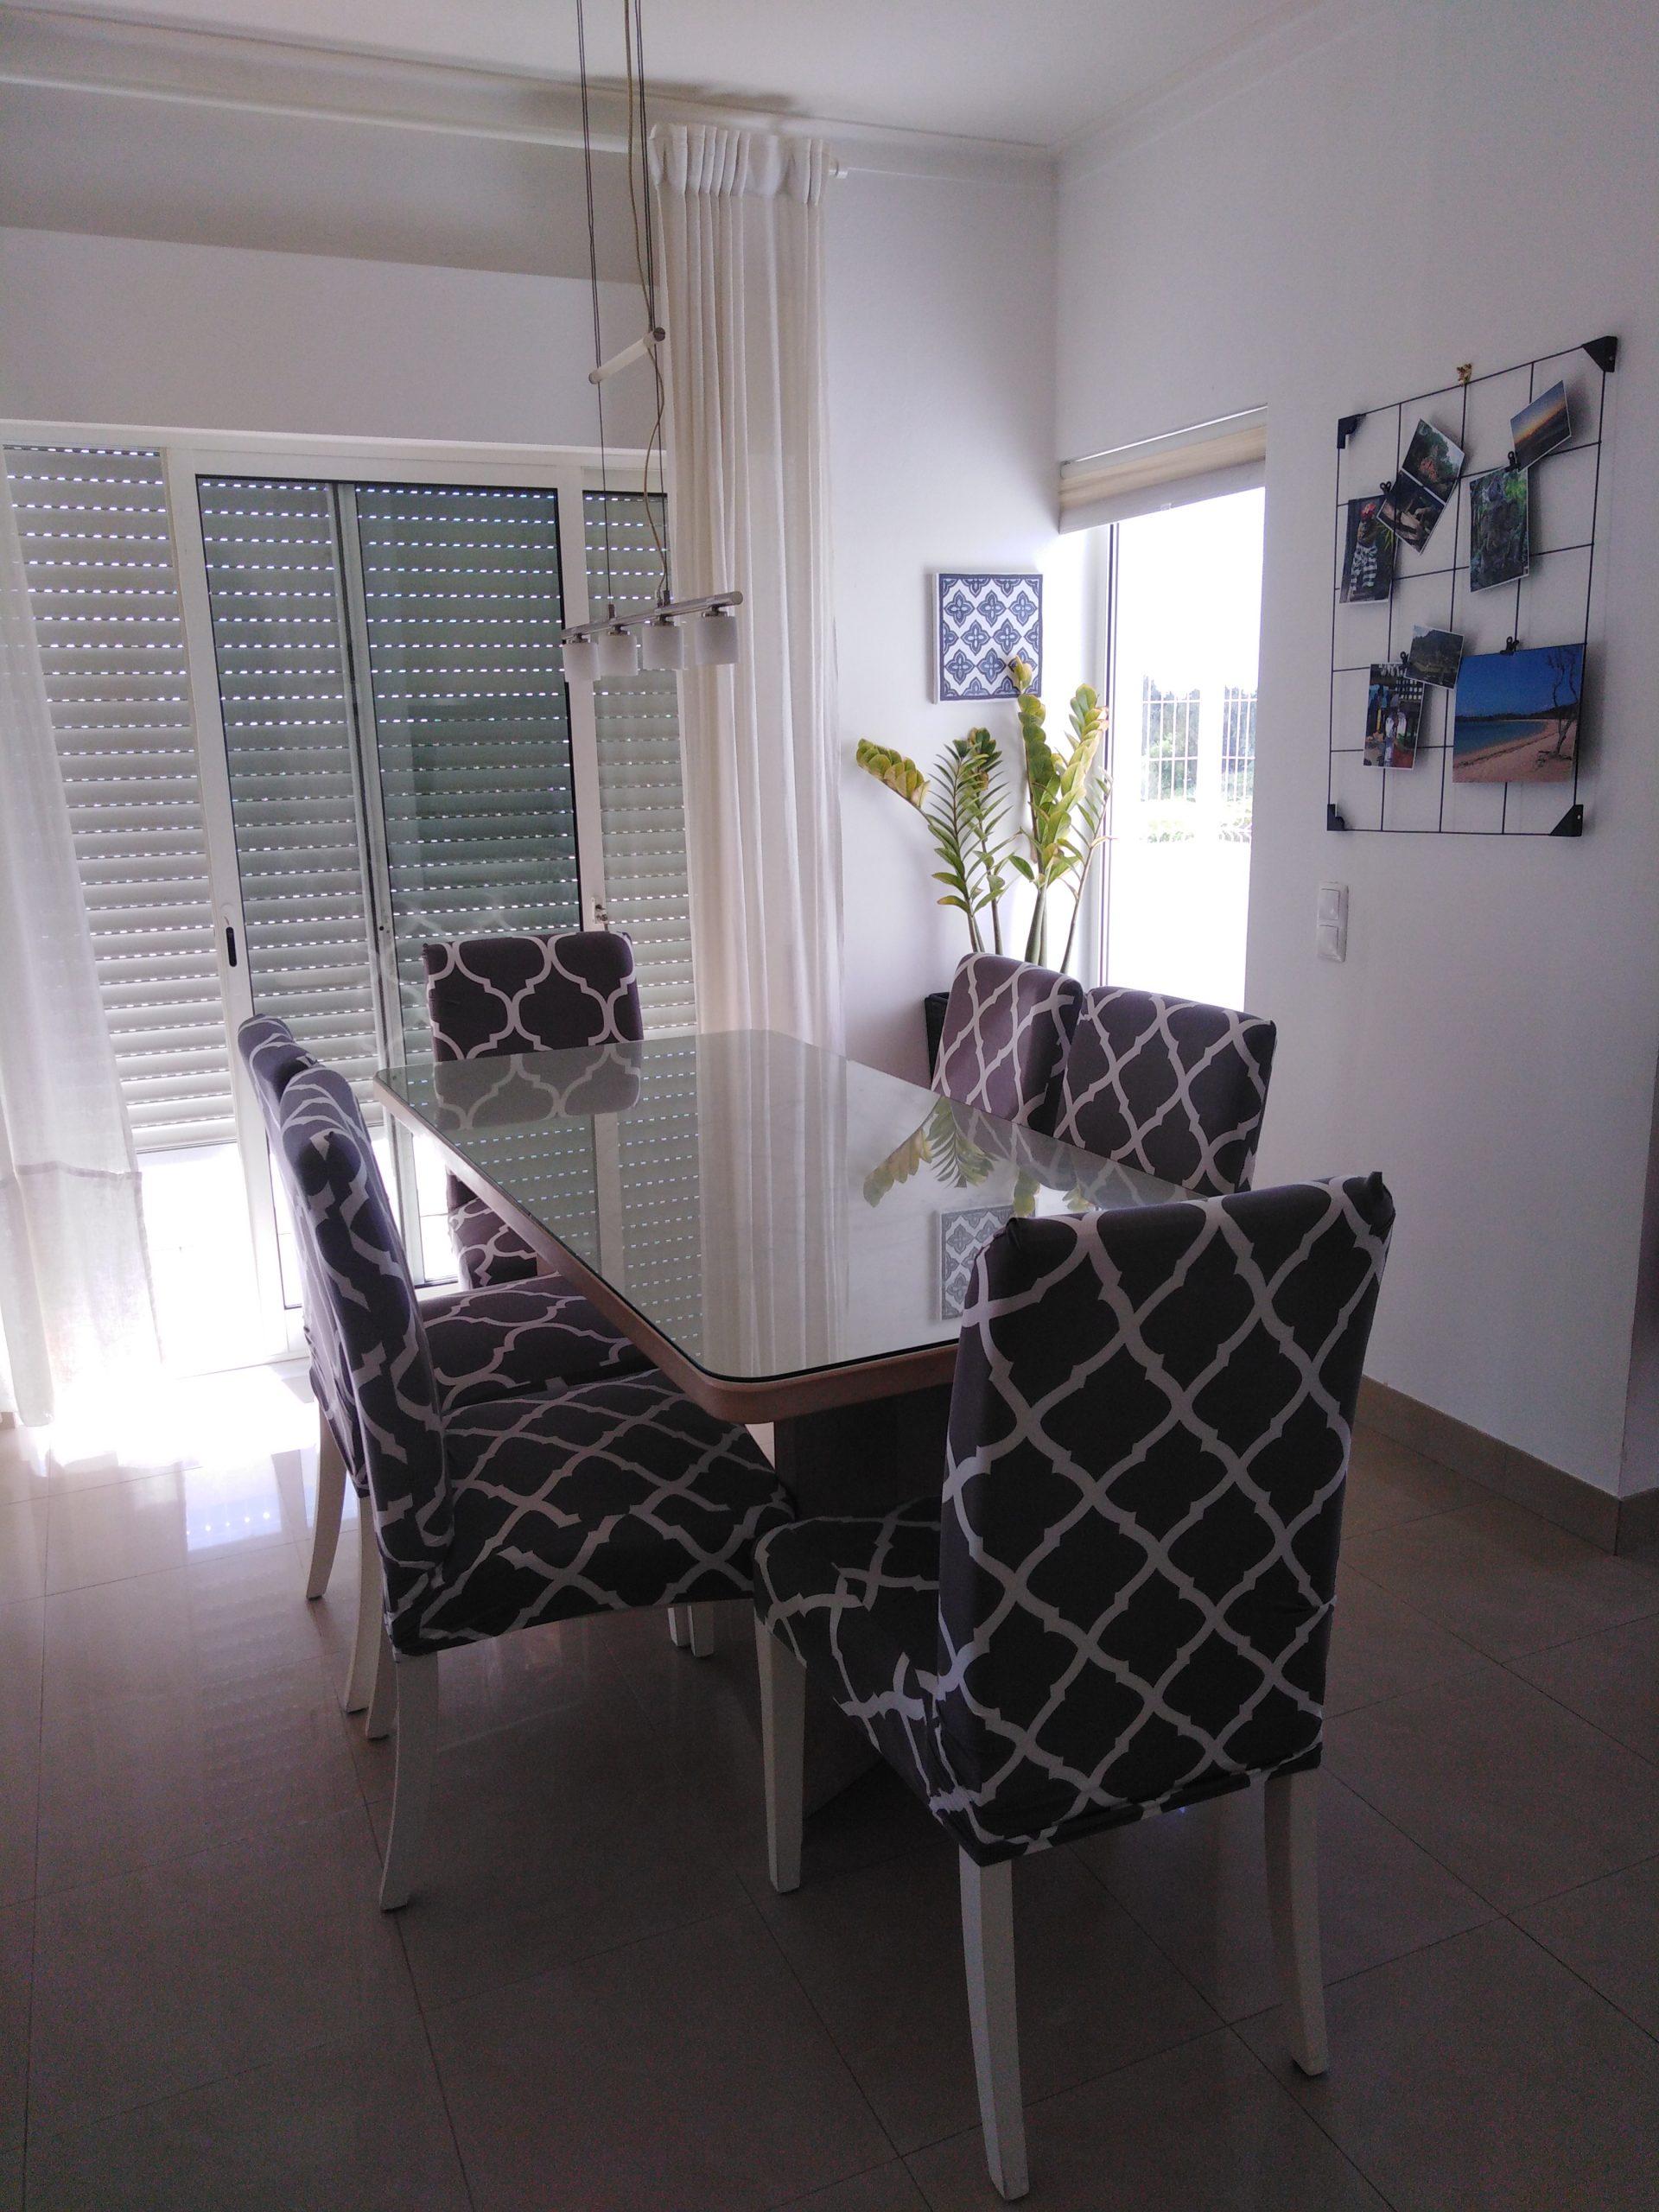 Location appartements et villas de vacance, Bel appartement à Portimao , Algarve à Portimão, Portugal Algarve, REF_IMG_15800_15809